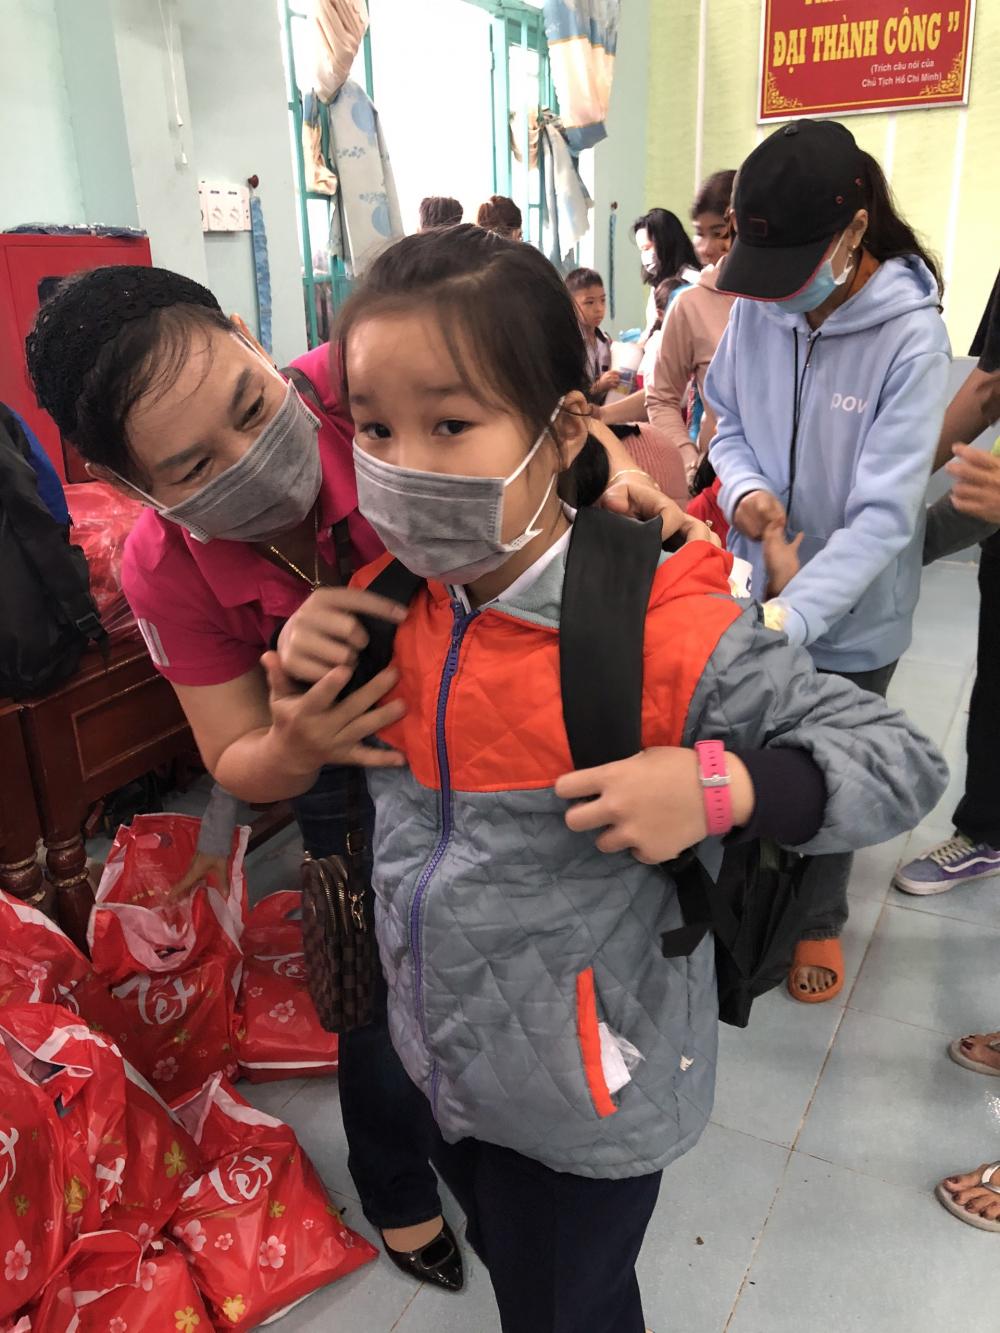 Bà Trần Thị Phương Hoa- Phó Chủ tịch Hội LHPn TPHCM trao tặng cắp sách cho học sinh ở Quảng Ngãi.